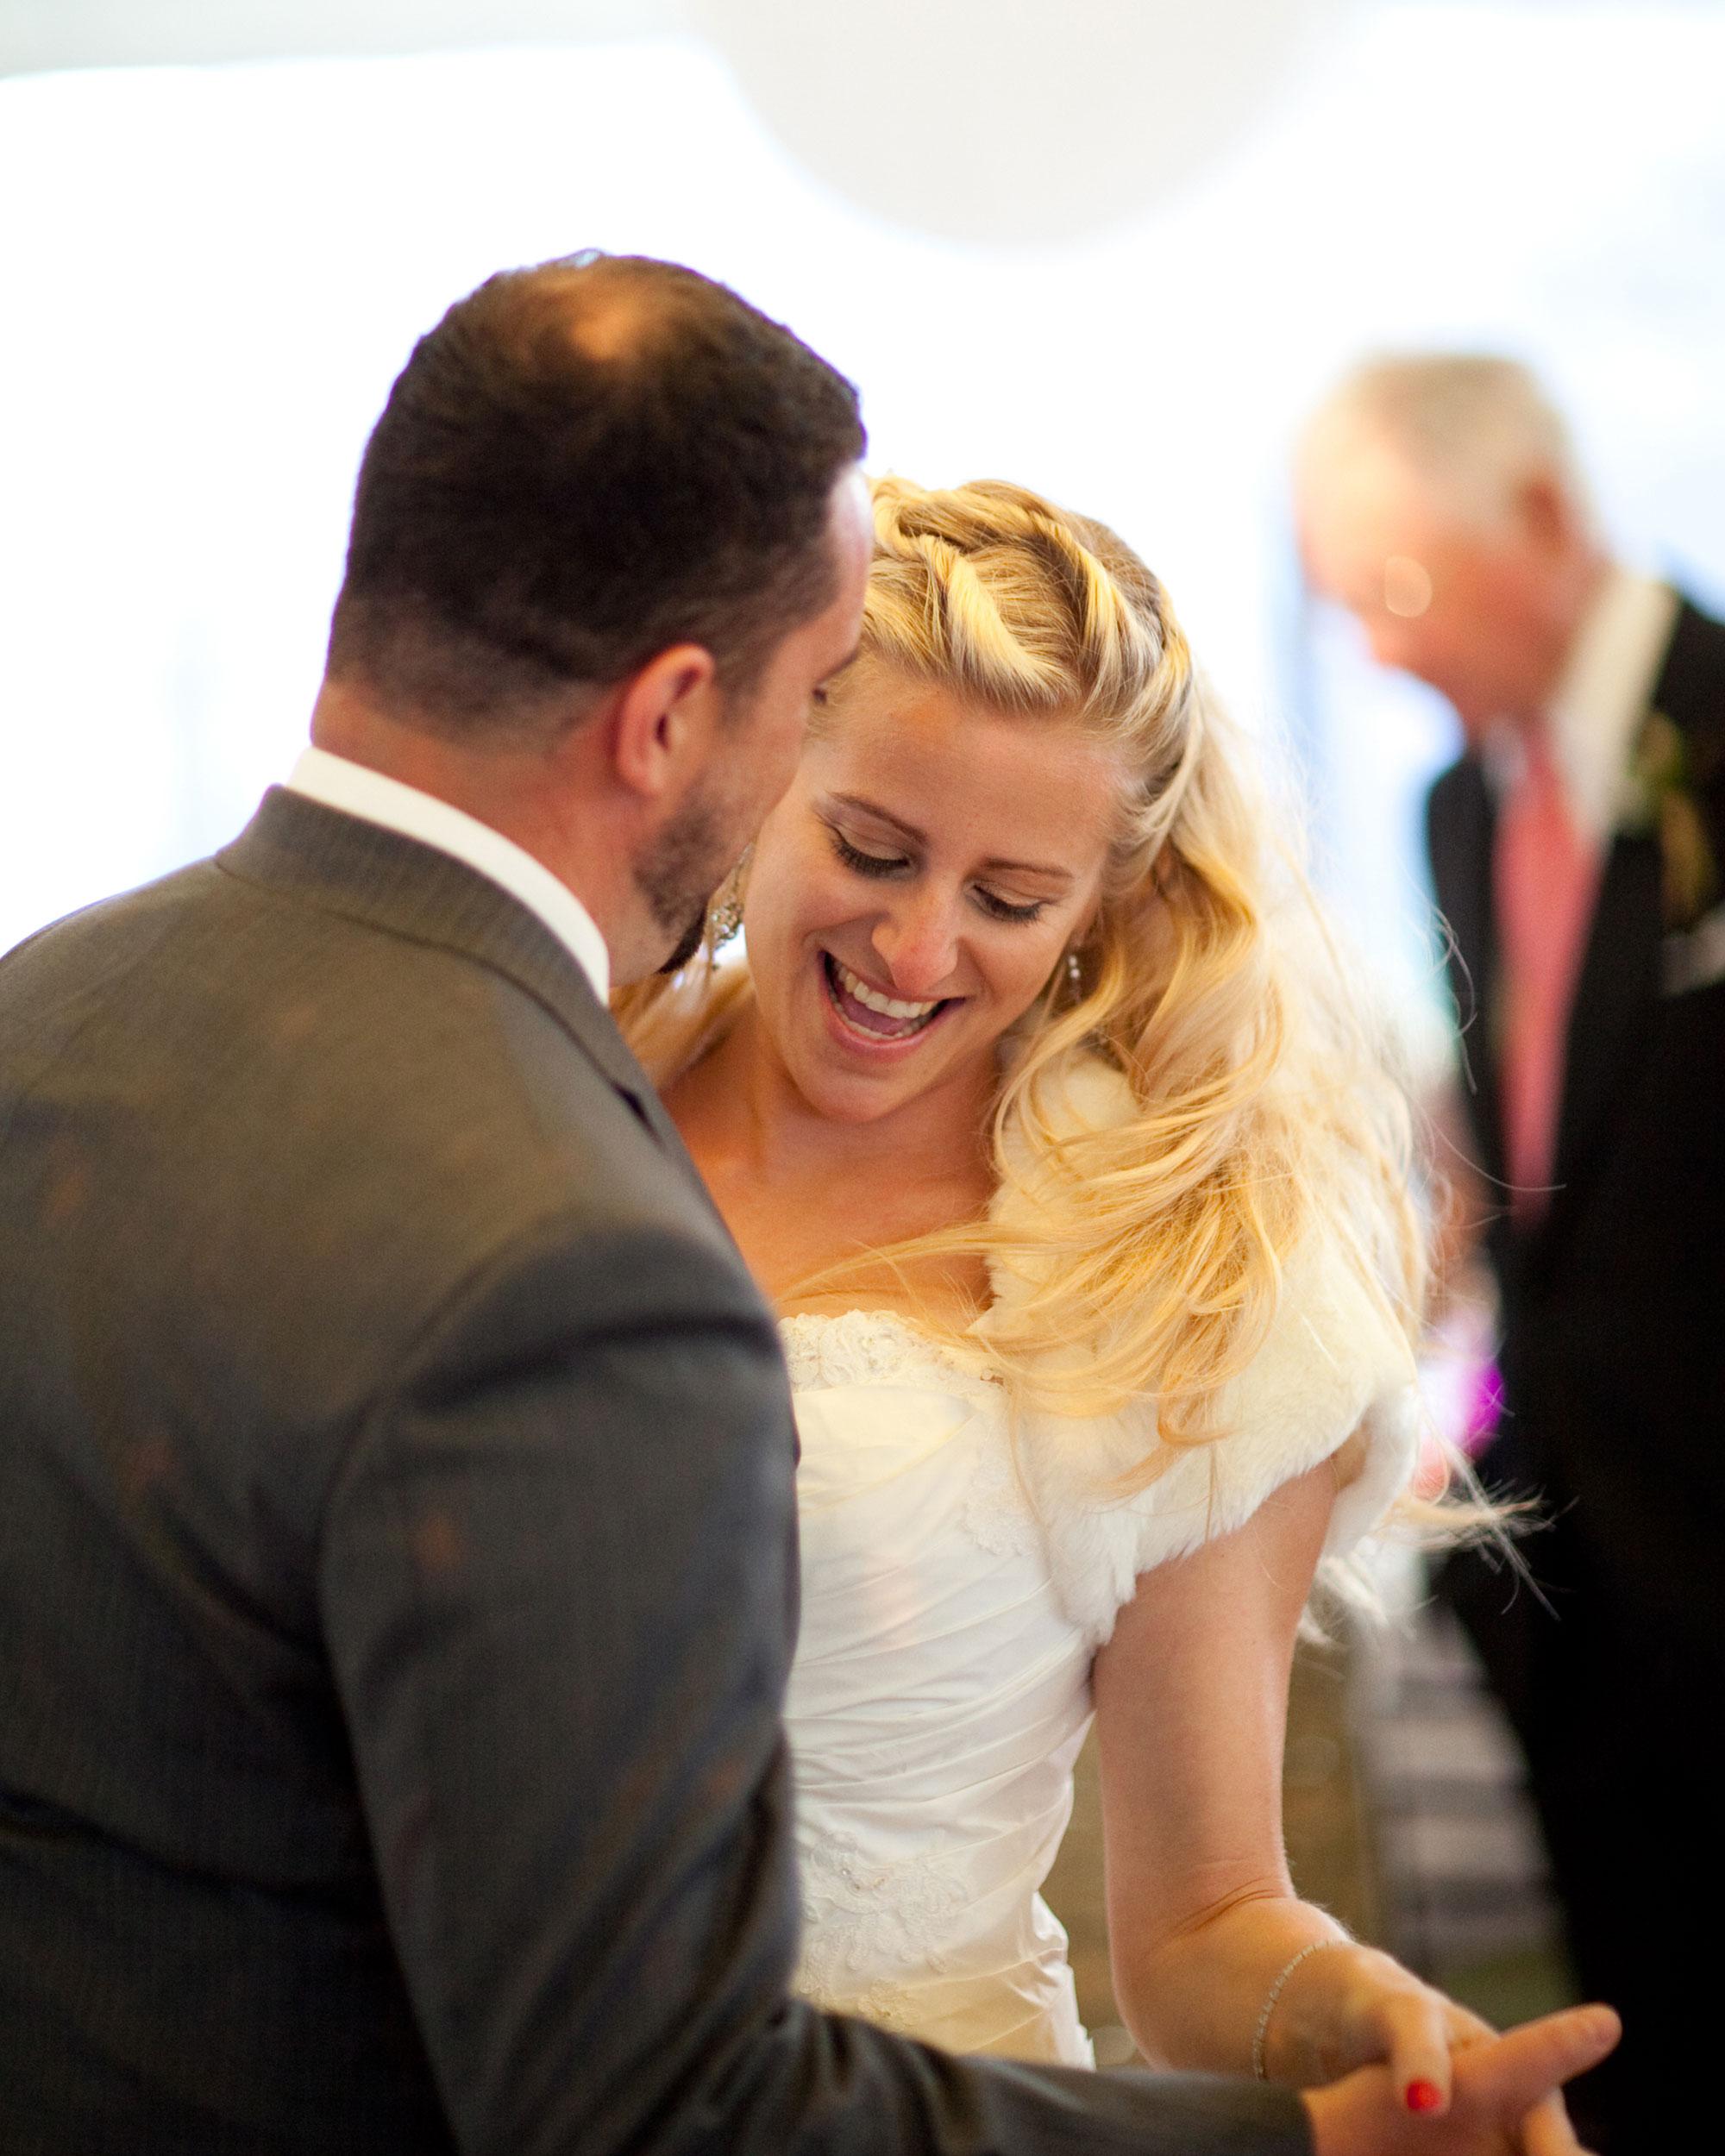 real-weddings-jen-ben-0811-588.jpg